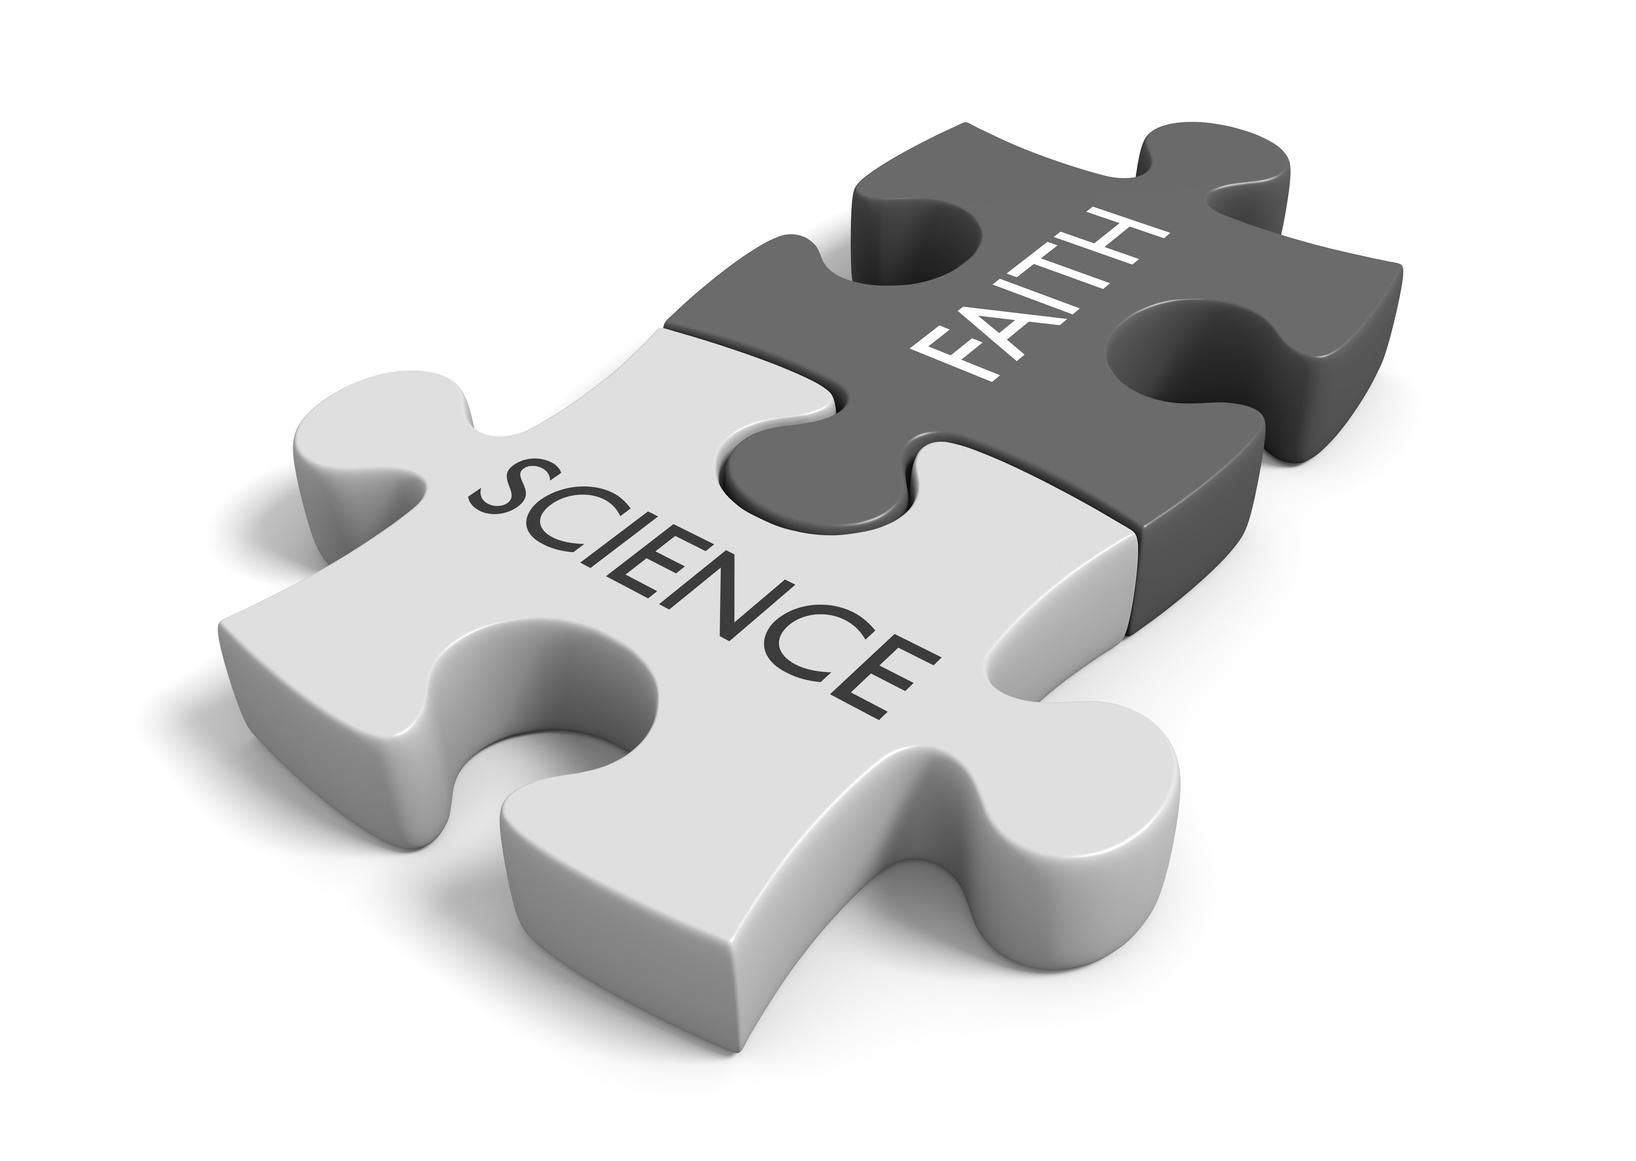 Glaube Wissenschaft